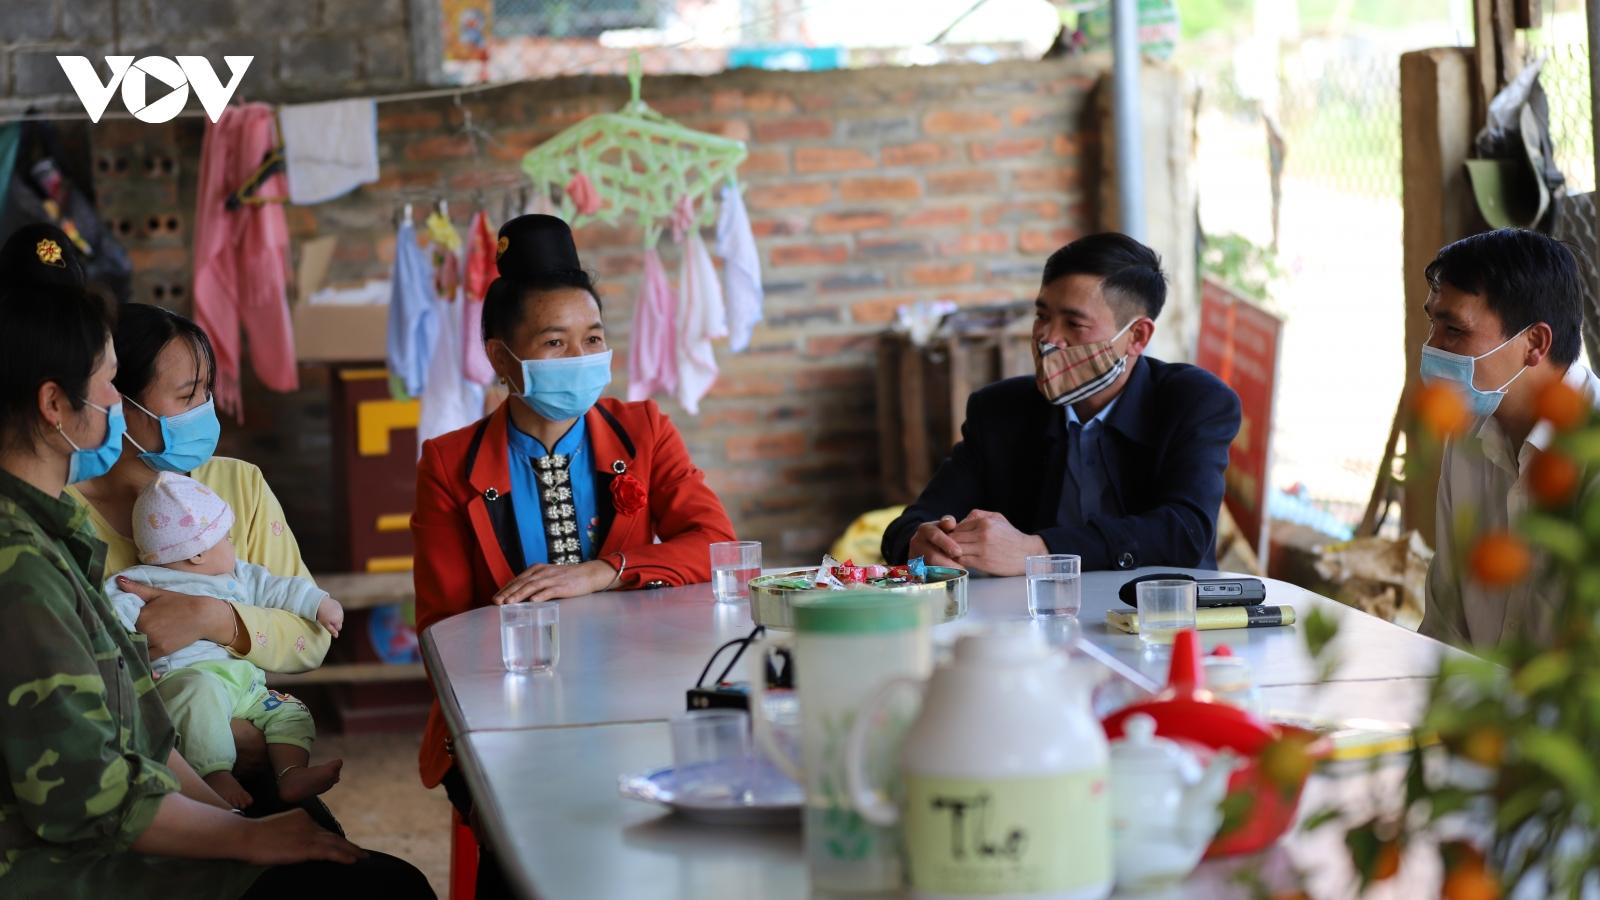 Nhân viên y tế thôn bản ở Sơn La nỗ lực vì sức khỏe cộng đồng